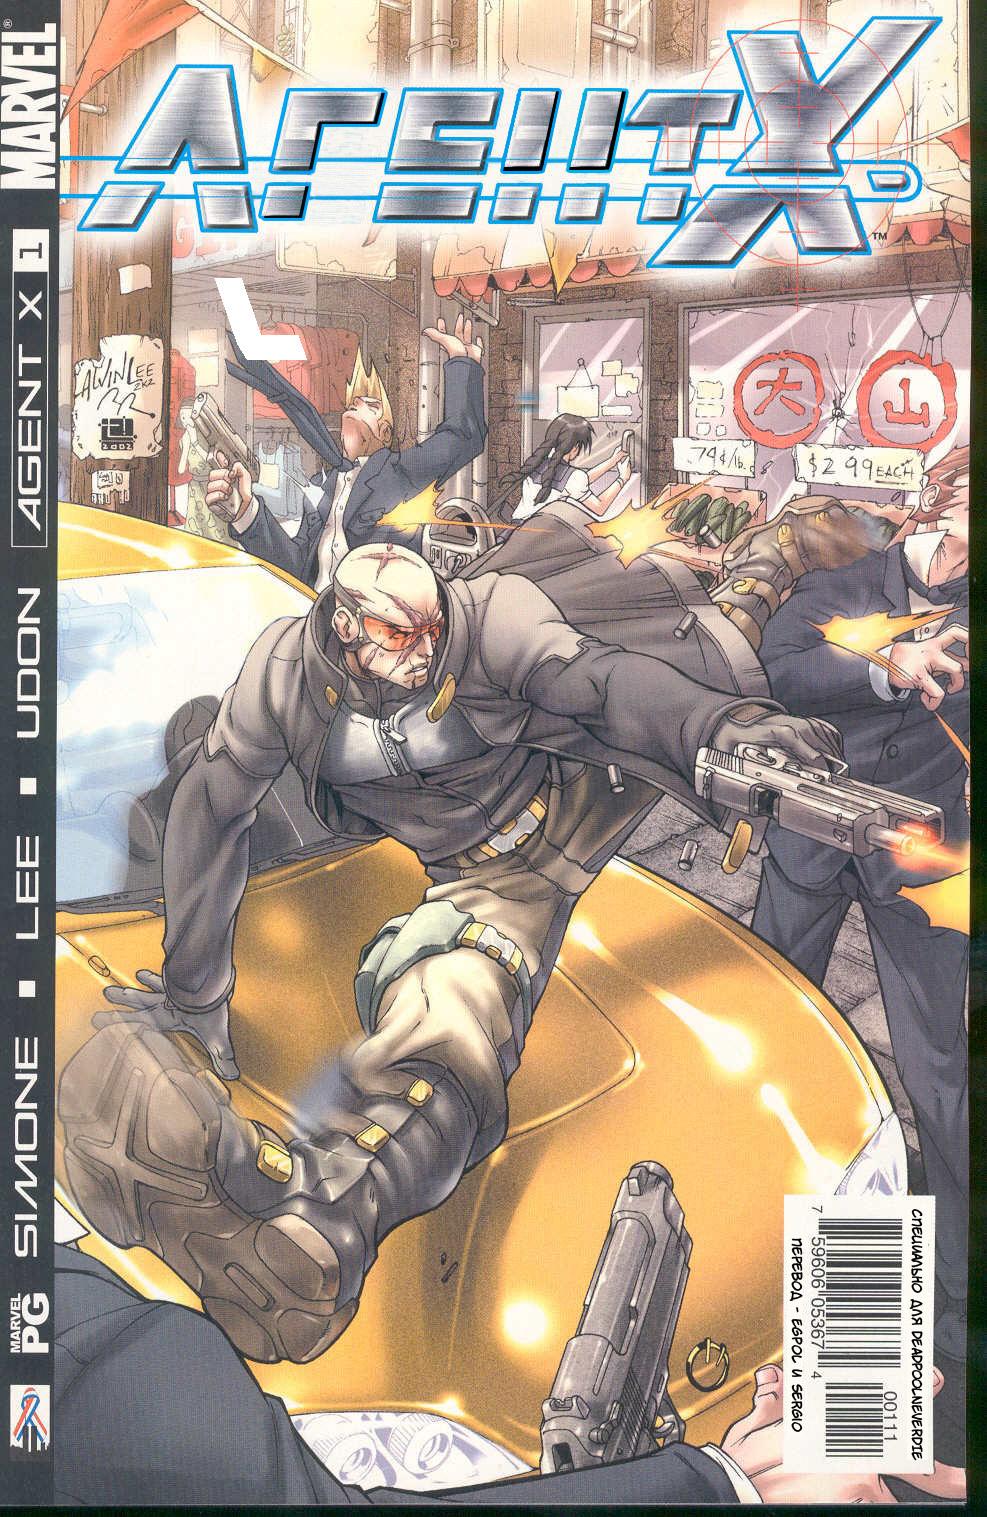 Комиксы Онлайн - Агент Икс - # 1 - Страница №1